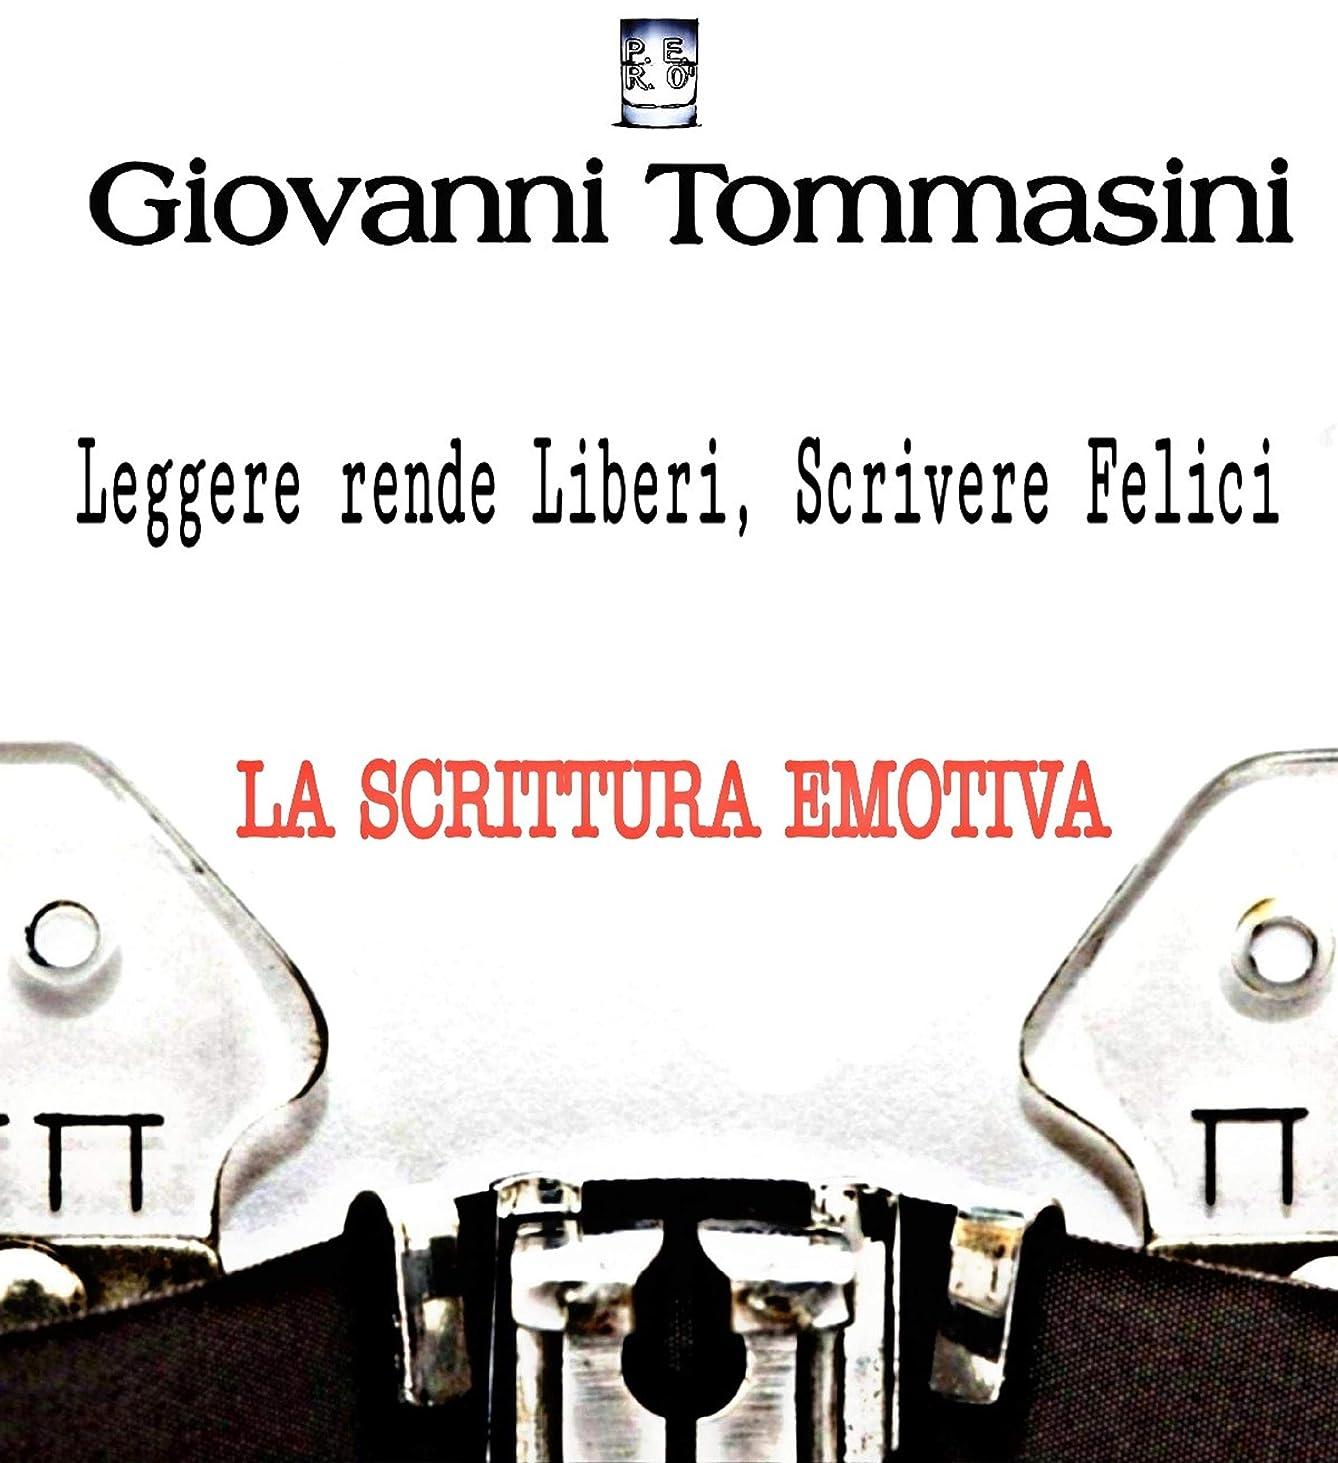 詐欺とげ許可La scrittura emotiva -  Leggere rende Liberi, Scrivere Felici. : Progetti Editoriali Realizzati Onestamente a cura di Giovanni Tommasini (Italian Edition)